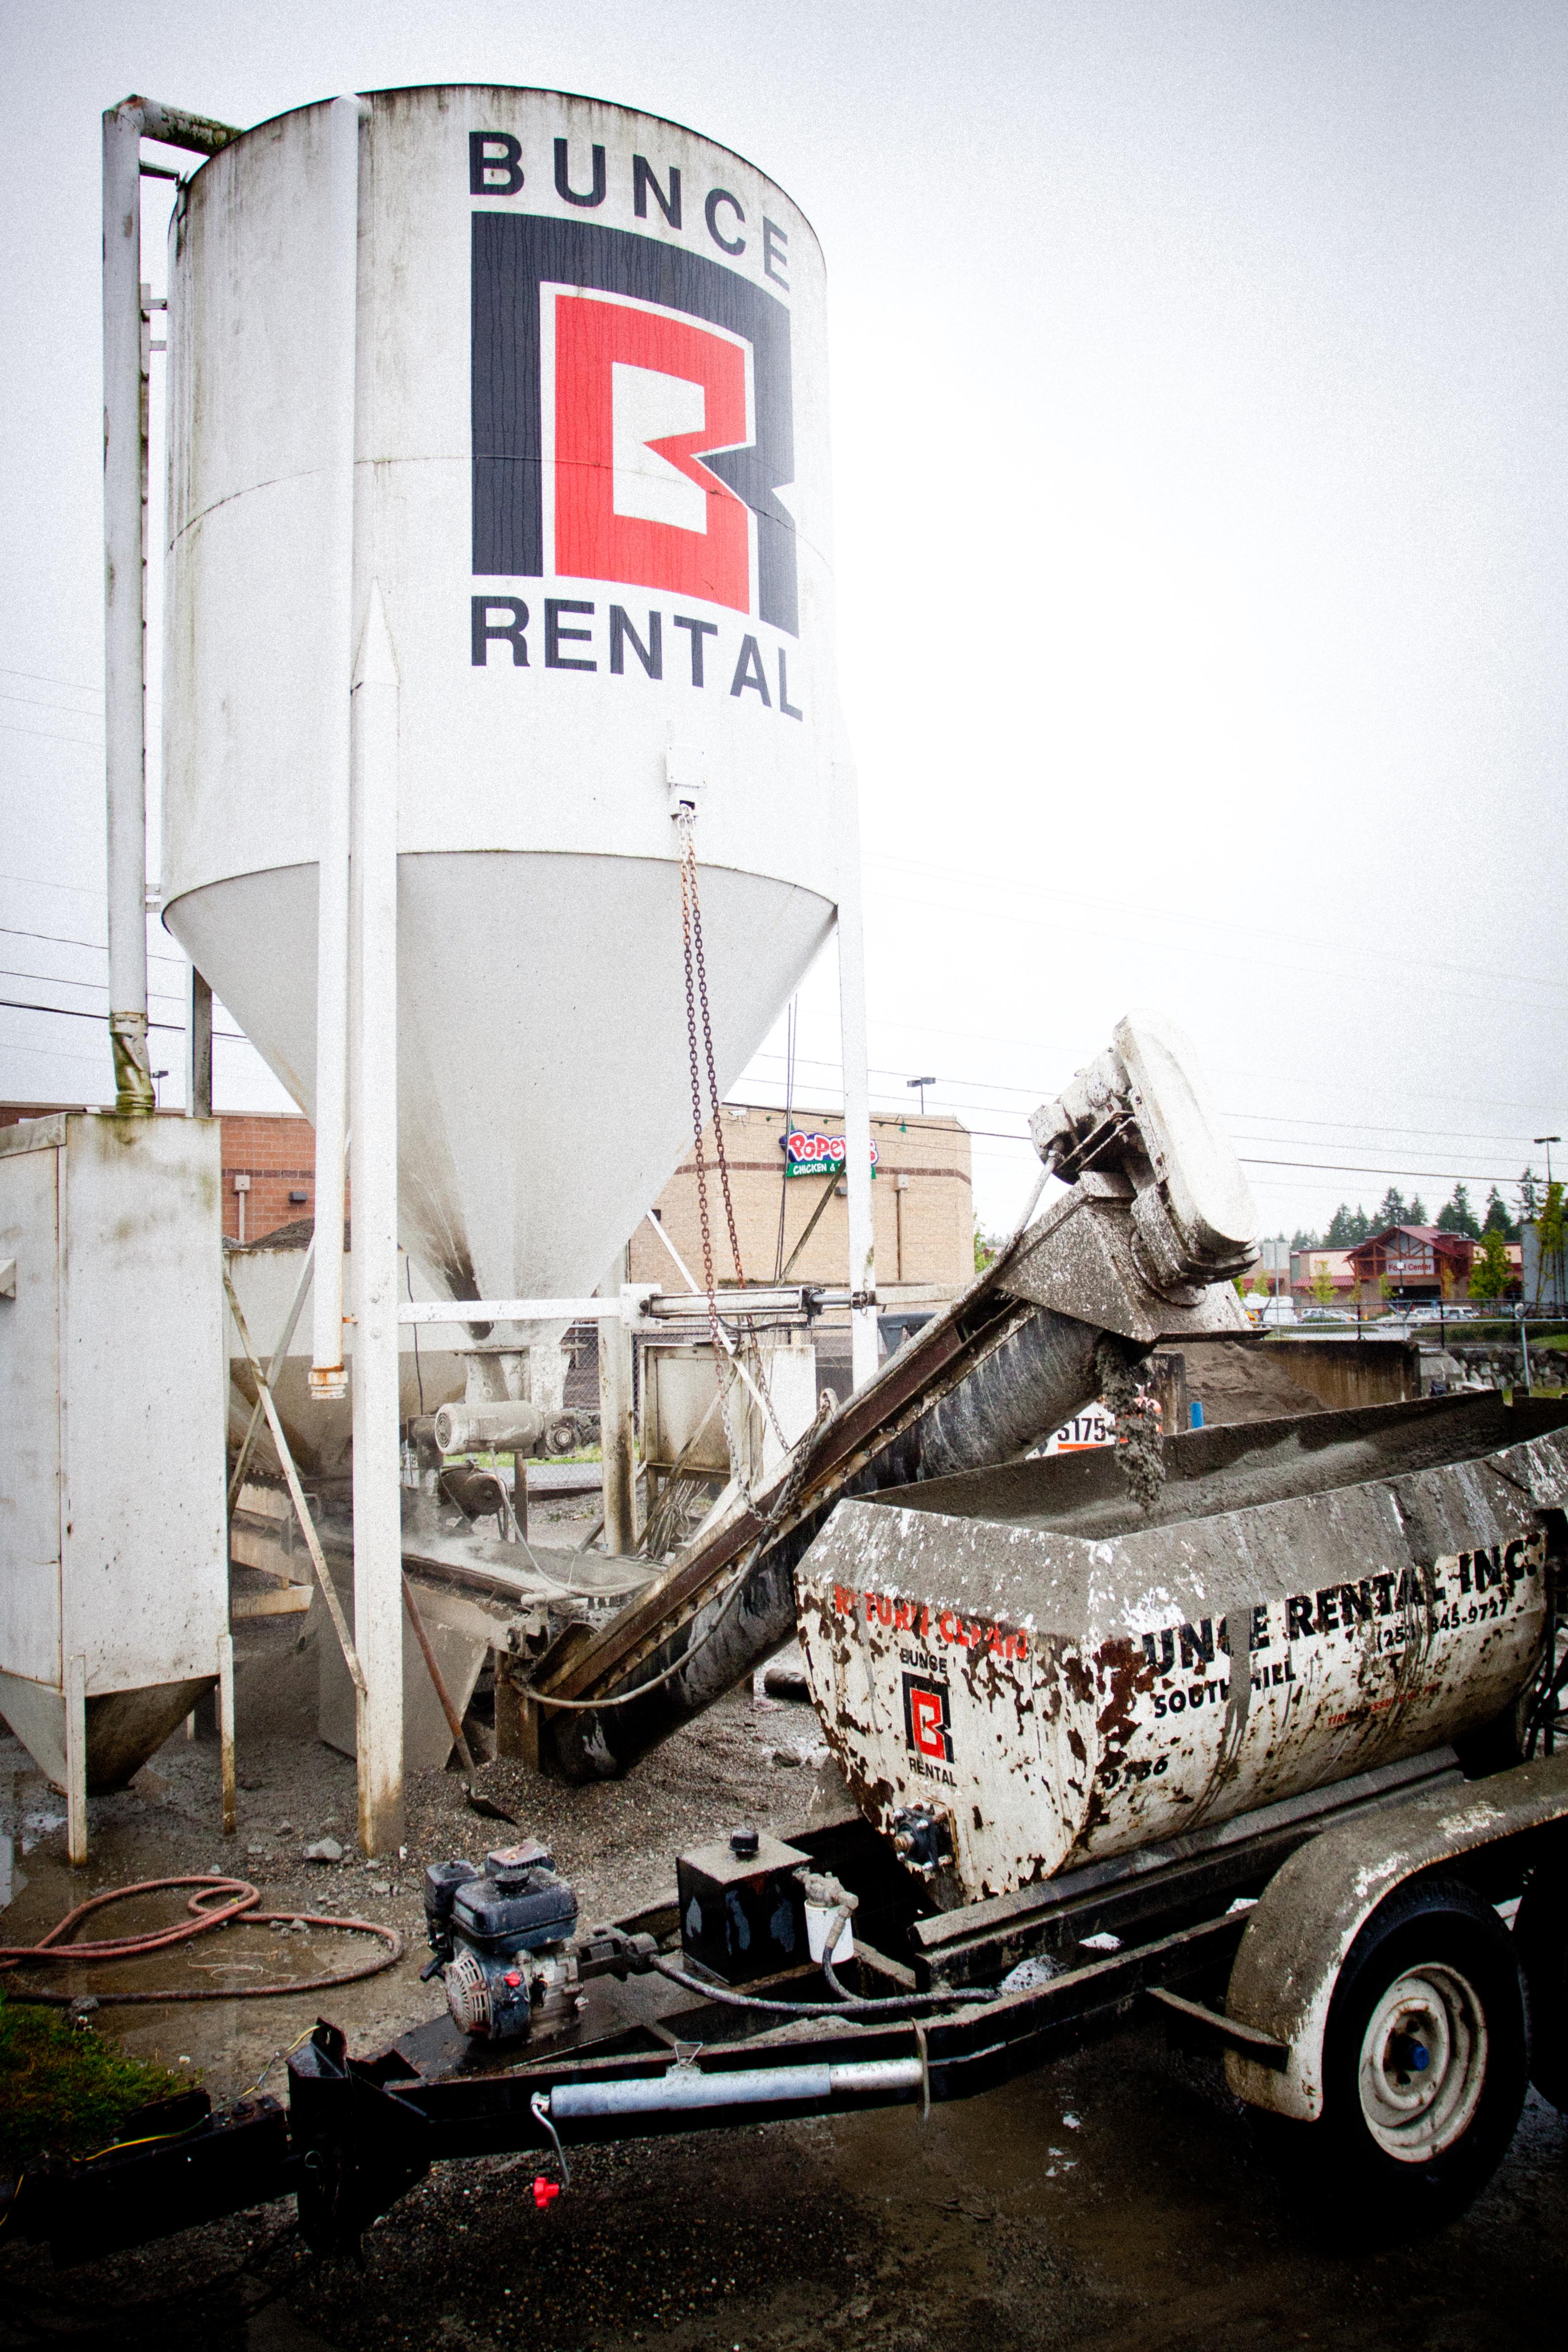 u-cart concrete | Bunce Rental